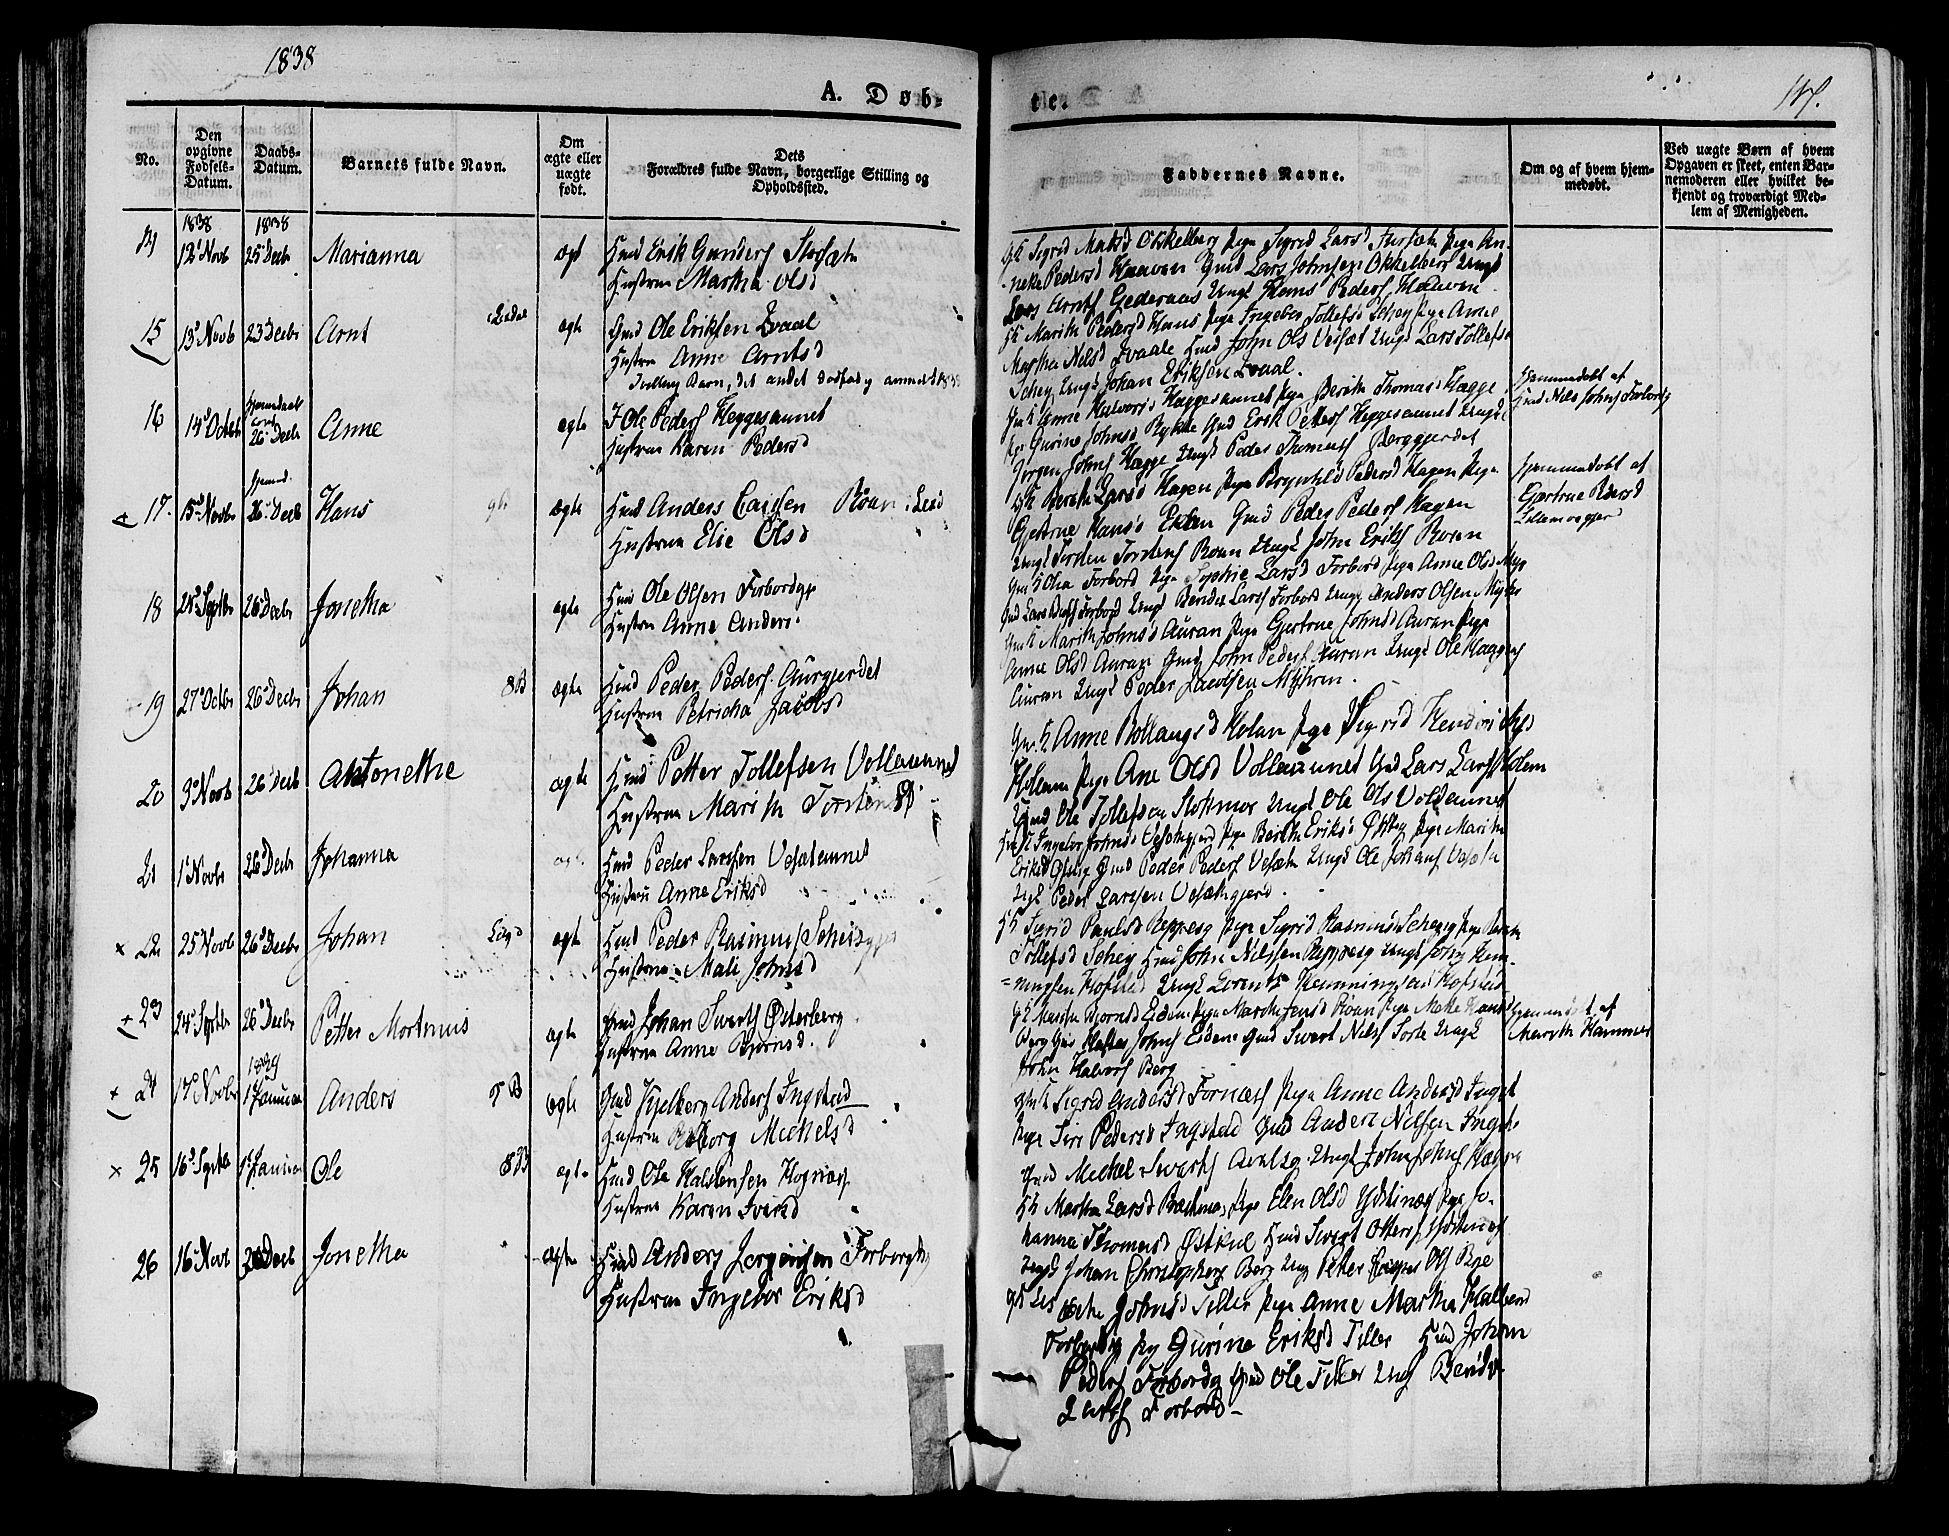 SAT, Ministerialprotokoller, klokkerbøker og fødselsregistre - Nord-Trøndelag, 709/L0071: Ministerialbok nr. 709A11, 1833-1844, s. 117